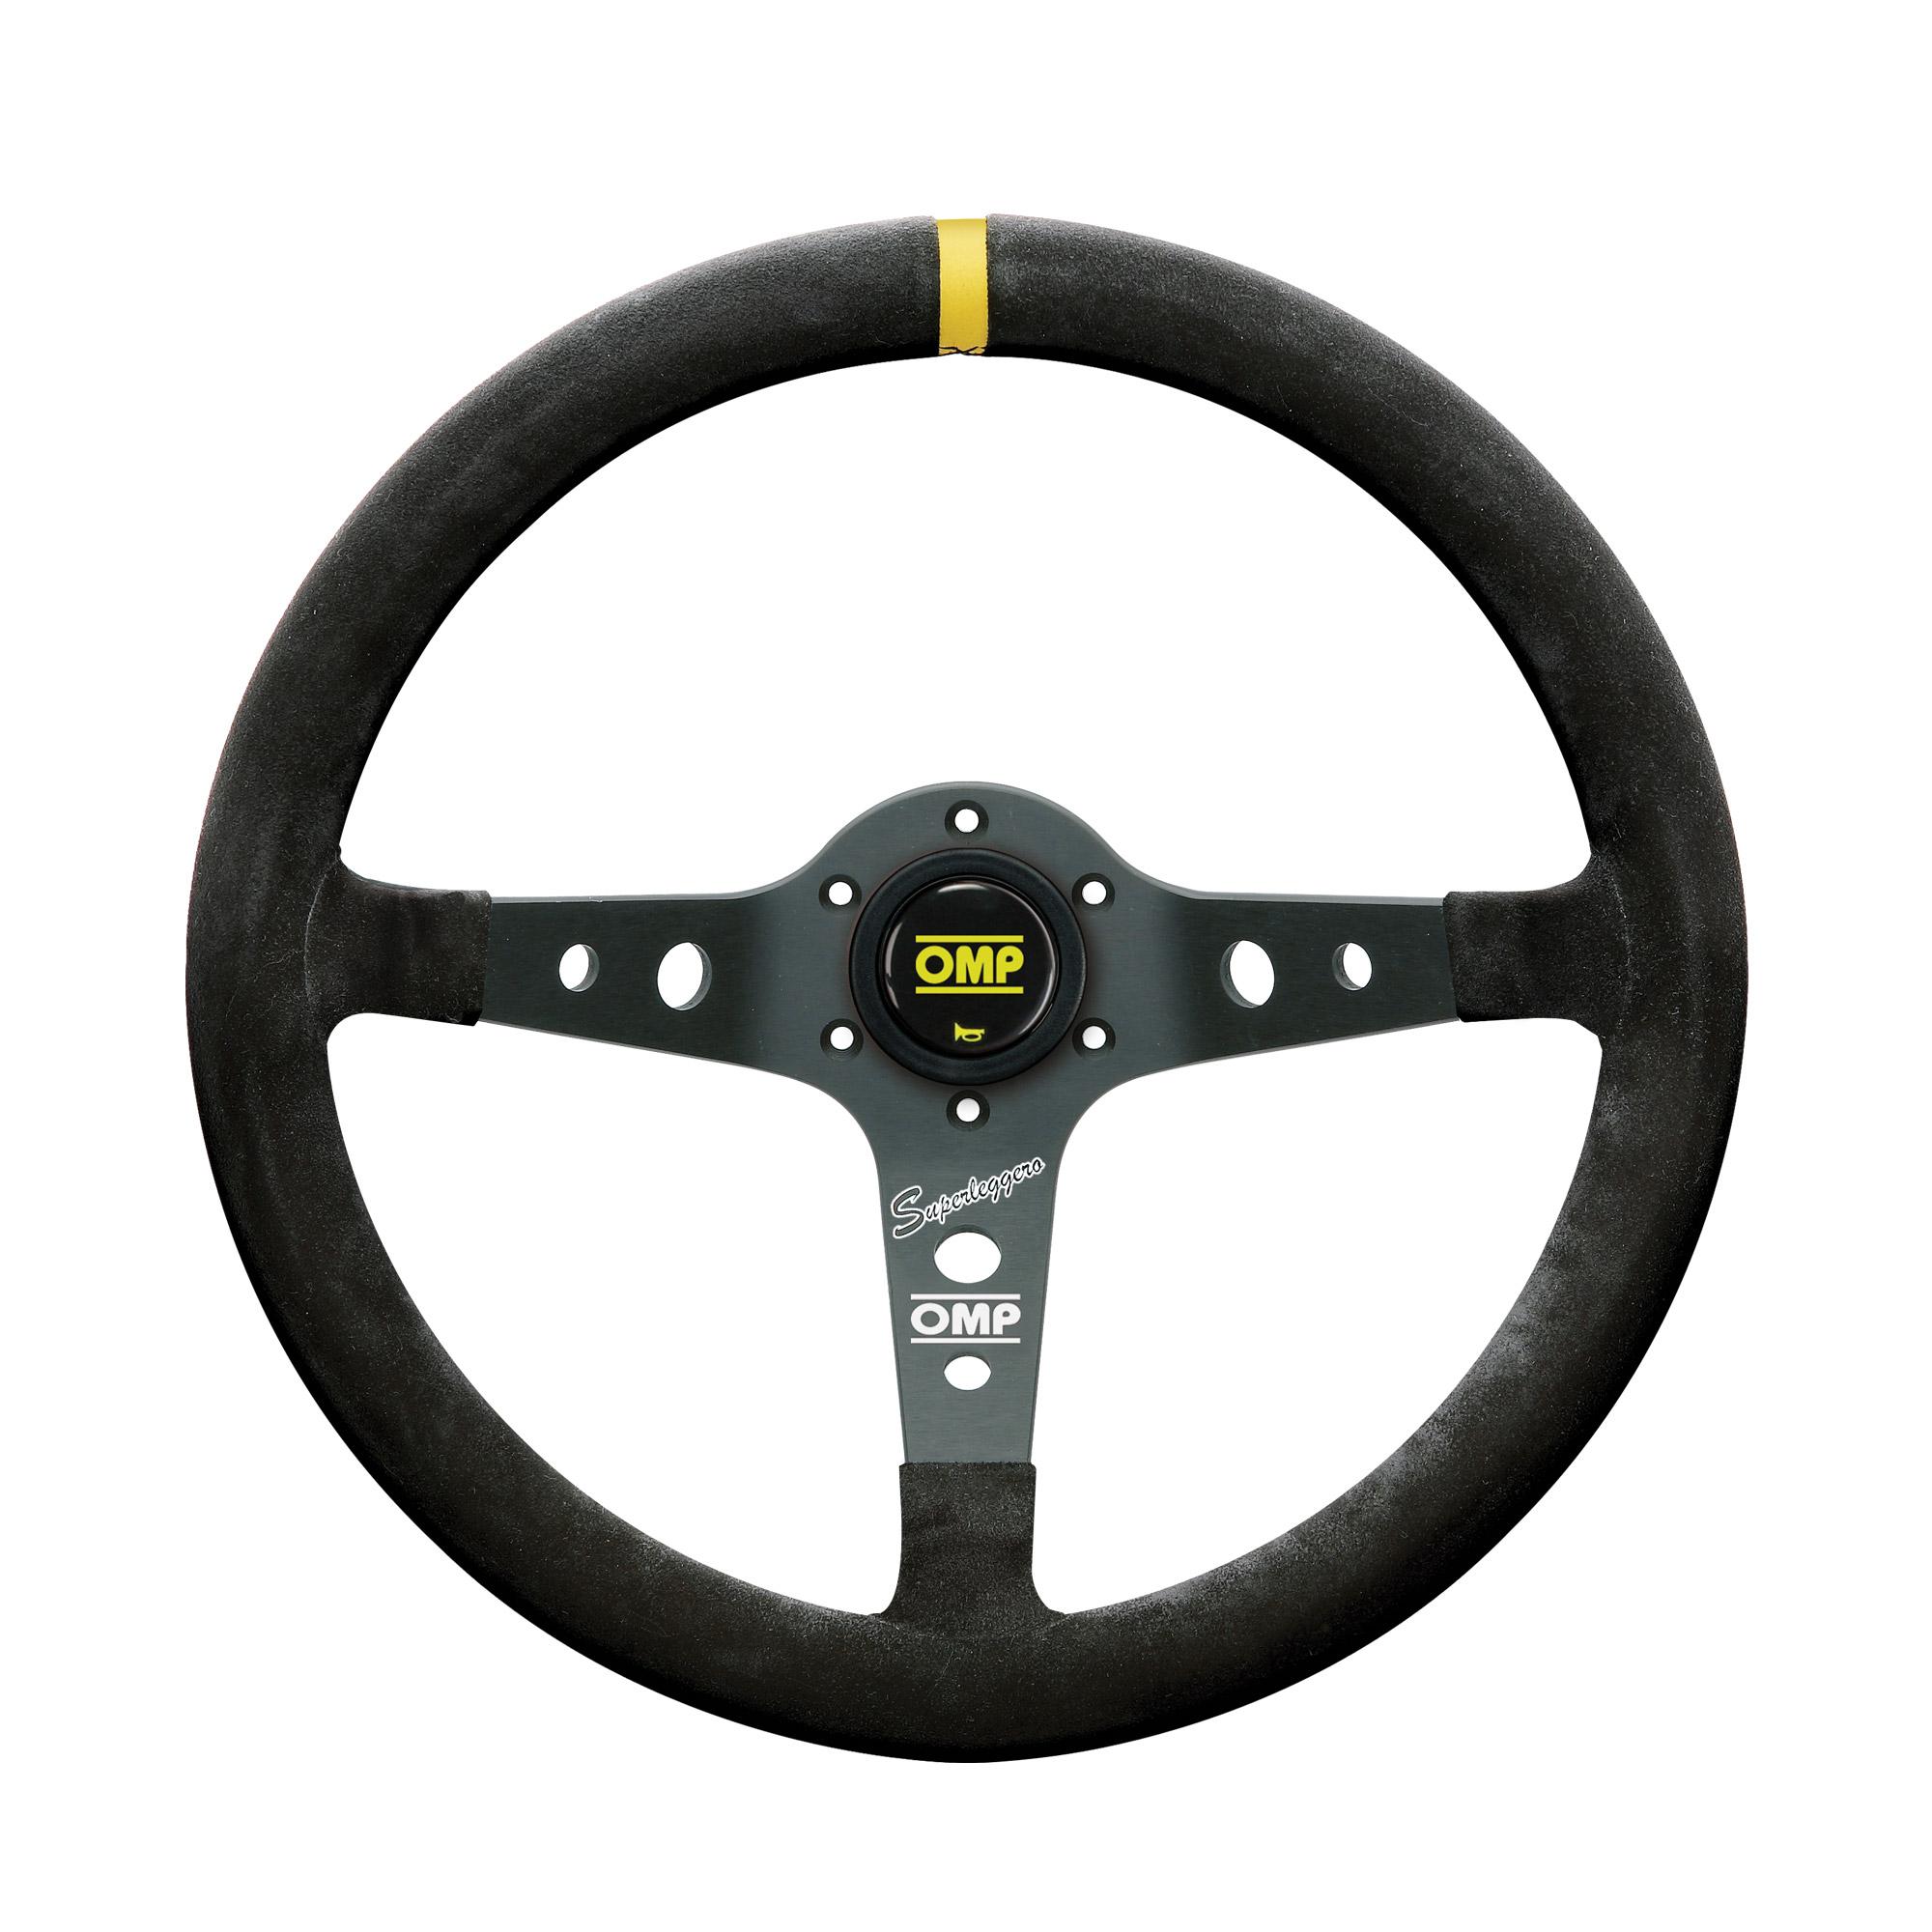 2000x2000 Steering Wheel Omp Racing